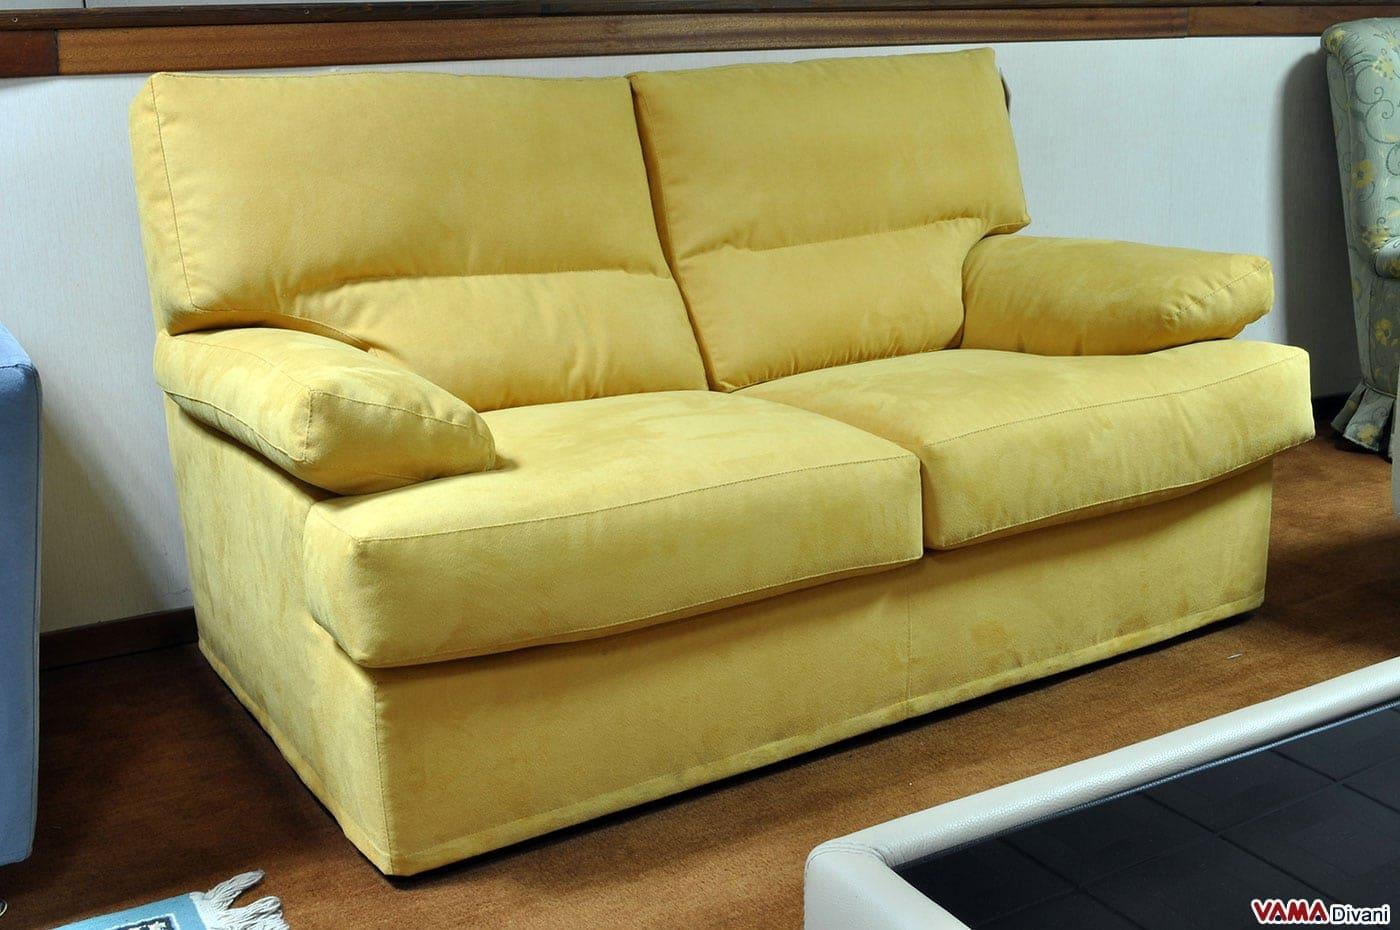 Divano giallo ikea idee per il design della casa - Divani letto offerta da ikea ...